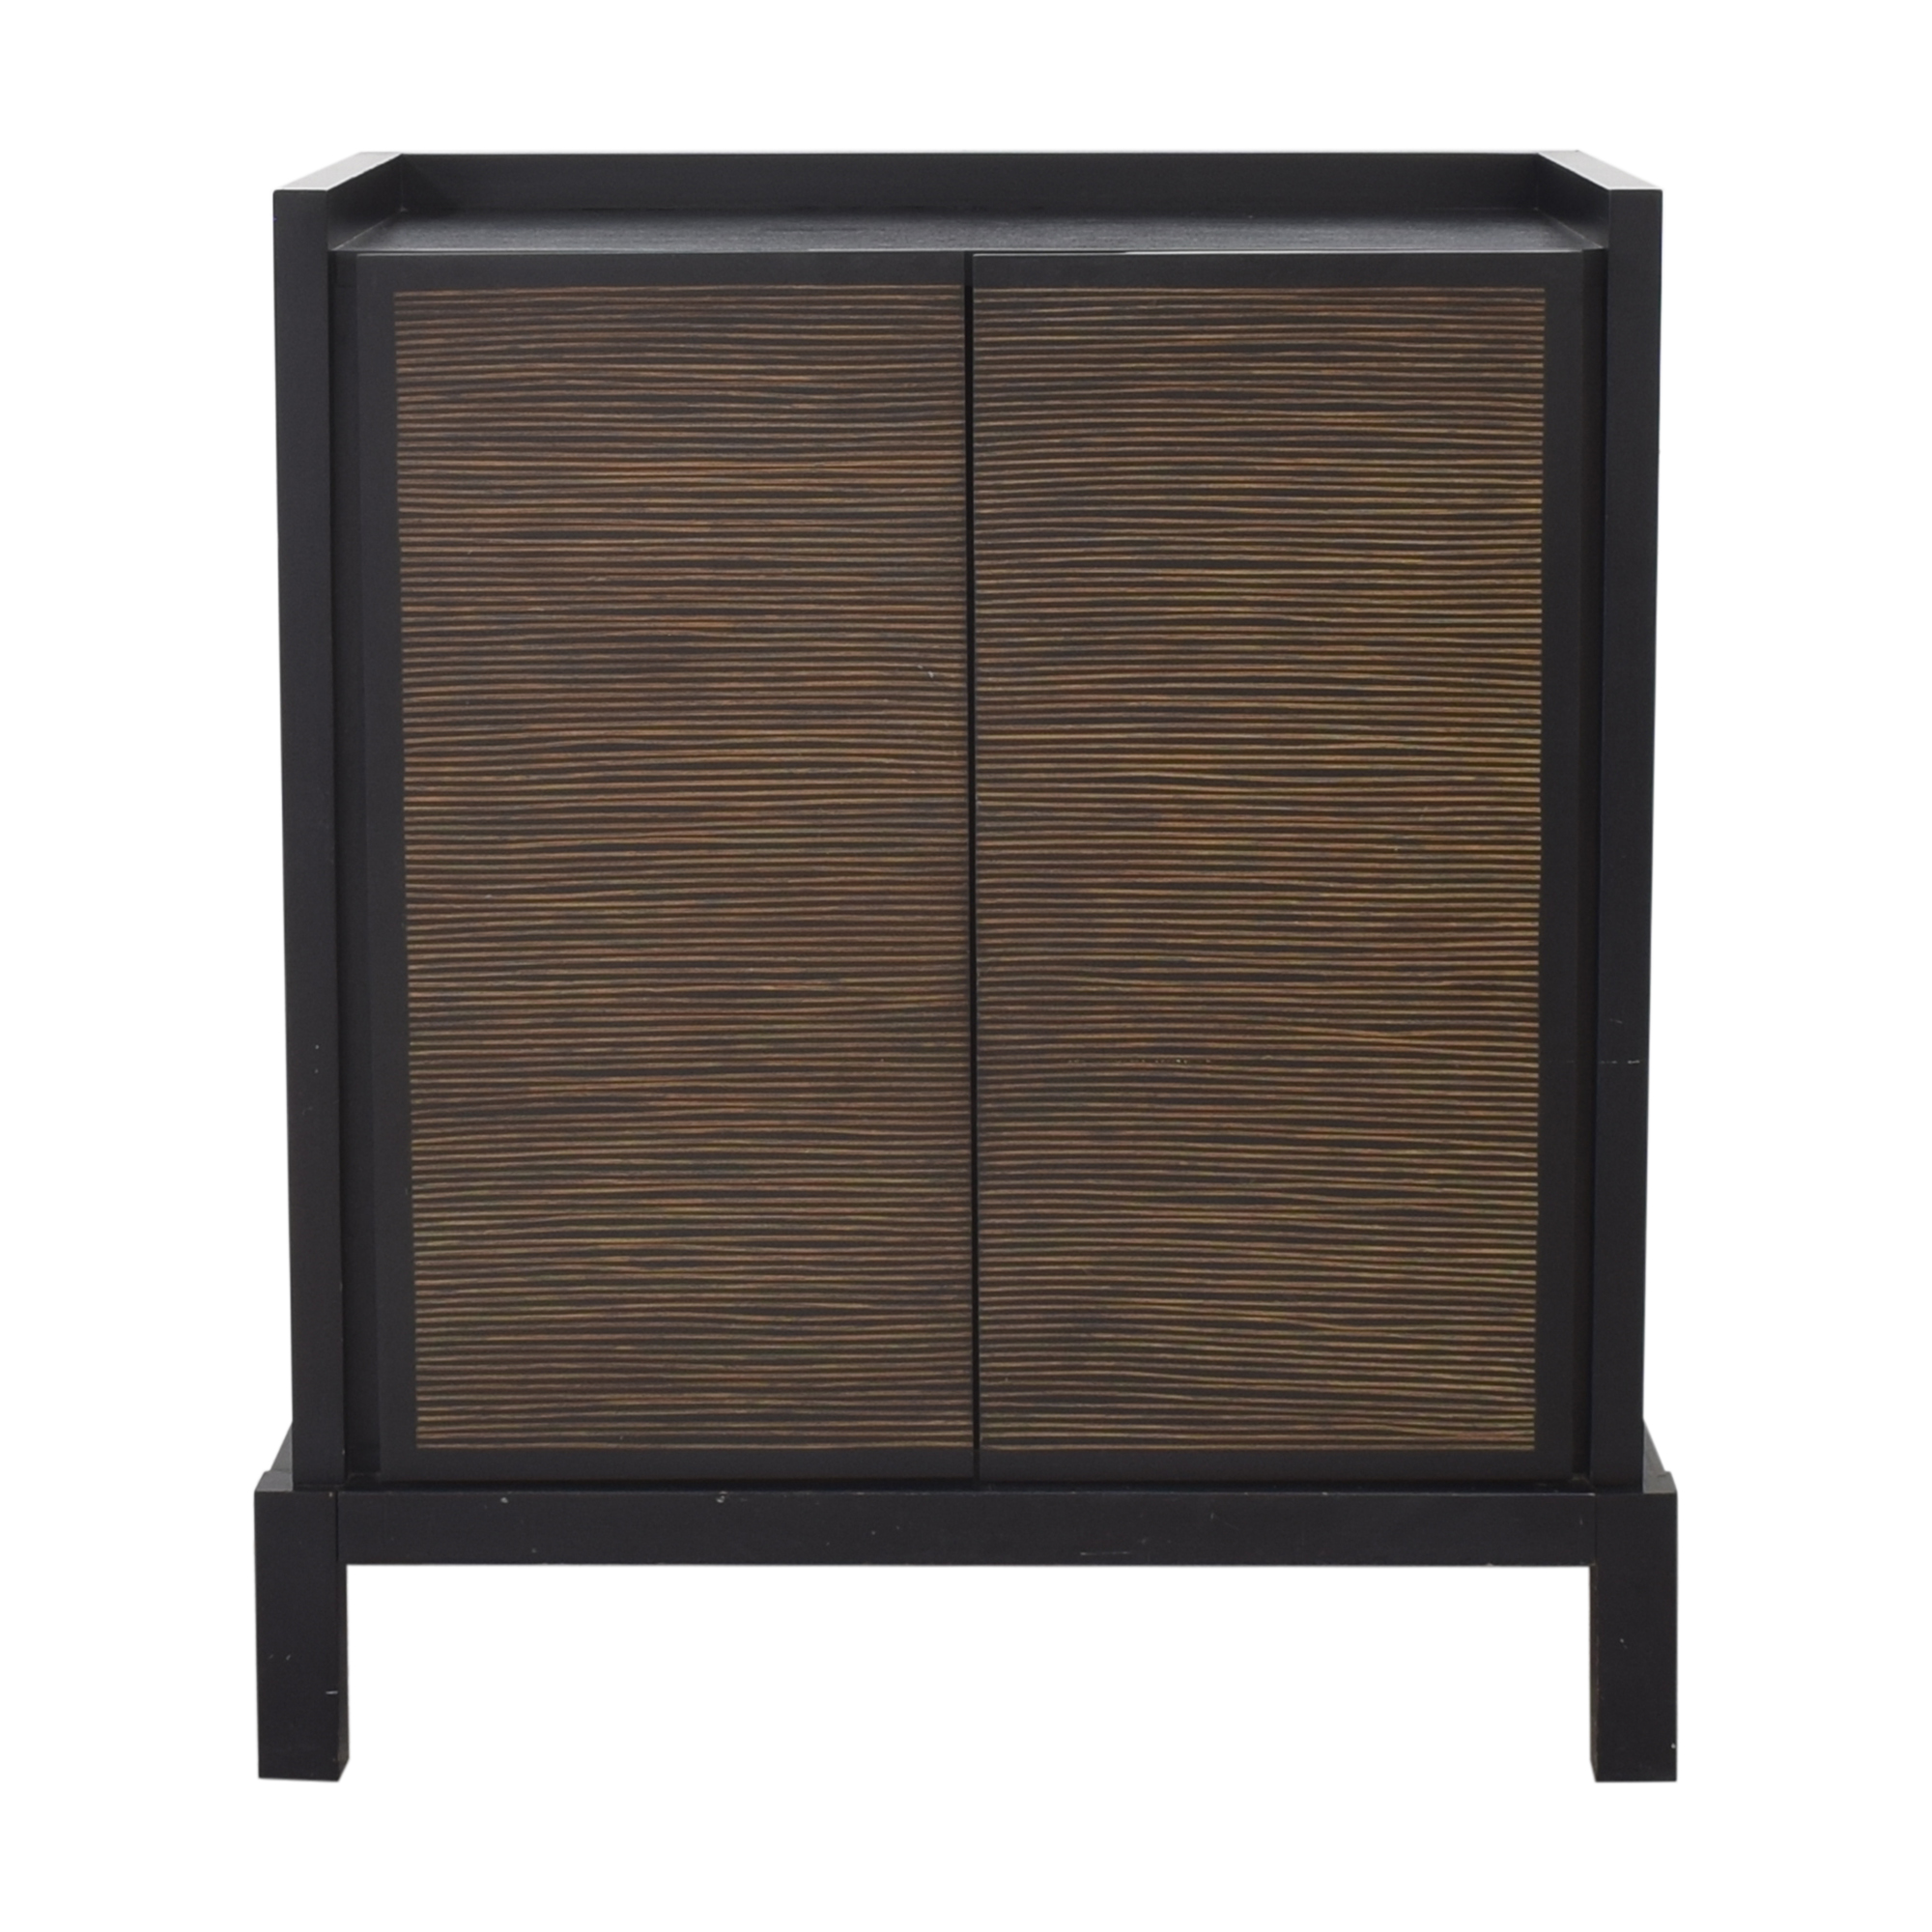 Crate & Barrel Two Door Cabinet sale